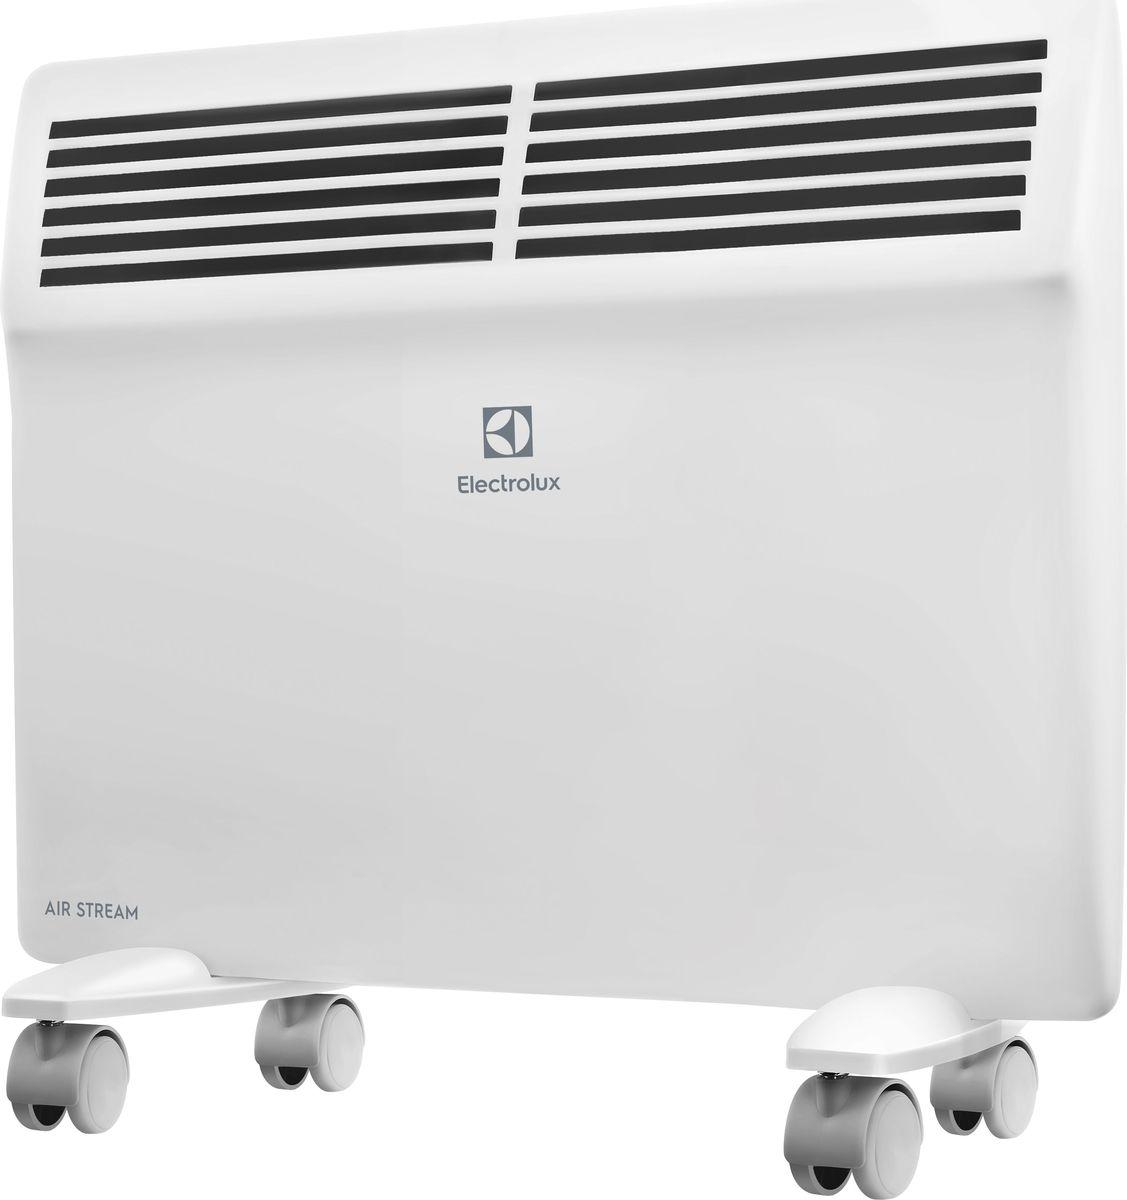 Electrolux ECH/AS-1000ER конвекторECH/AS-1000ERЭлектрический конвектор Electrolux ECH/AS-1000ER имеет нагревательный элемент нового поколения X-DUOS с увеличенной площадью теплоотдачи. Конвектор работает в режимах полной и половинной мощности. Класс влагозащищенности IP 24. Предусмотрена настенная и напольная установка.Нагревательный элемент X-DUOSНагревательный элемент X-DUOS, разработанный для серии AIR STREAM представляет собой цельнолитую Х-образную ребристую конструкцию, выполненную из специального сплава алюминия с применением Nano-технологий, что позволило добиться равномерной температуры по всей длине нагревательного элемента. Главная особенность нагревательного элемента заложена в специальной обработке его поверхности, на выходе структура его поверхности получается «ракушечной». Данная технология позволила увеличить площадь поверхности теплоотдачи на 25% по сравнению со стандартными монолитными нагревательными элементами.Форма X-DUOS и структура его поверхности обеспечивает максимальный теплосъем с минимальным сопротивлением потоку теплого воздуха. Это позволяет быстро обогревать помещение и значительно экономить электроэнергию (до 20%, если сравнивать с другими типами обогревателей).Монолитная конструкция нагревательного элемента X-DUOS сводит к минимуму все возможные тепловые потери, обеспечивая моментальный нагрев воздуха, тем самым демонстрируя высокий показатель надежности и более долгий срок эксплуатации прибора. Благодаря особенностям конструкции и Nano-технологиям, примененным в производстве материалов для нагревательного элемента, X-DUOS абсолютно бесшумно выходит на рабочую температуру за рекордно короткий срок — до 75 секунд.Интеллектуальное управлениеДля управления конвекторами Air Stream разработан ультрасовременный блок управления нового поколения. Логика выбора необходимой температуры нагрева воздуха и управления другими функциями обогревателя предельно проста. LED-дисплей отображает не только заданную и фактическую температуру в помещении, а